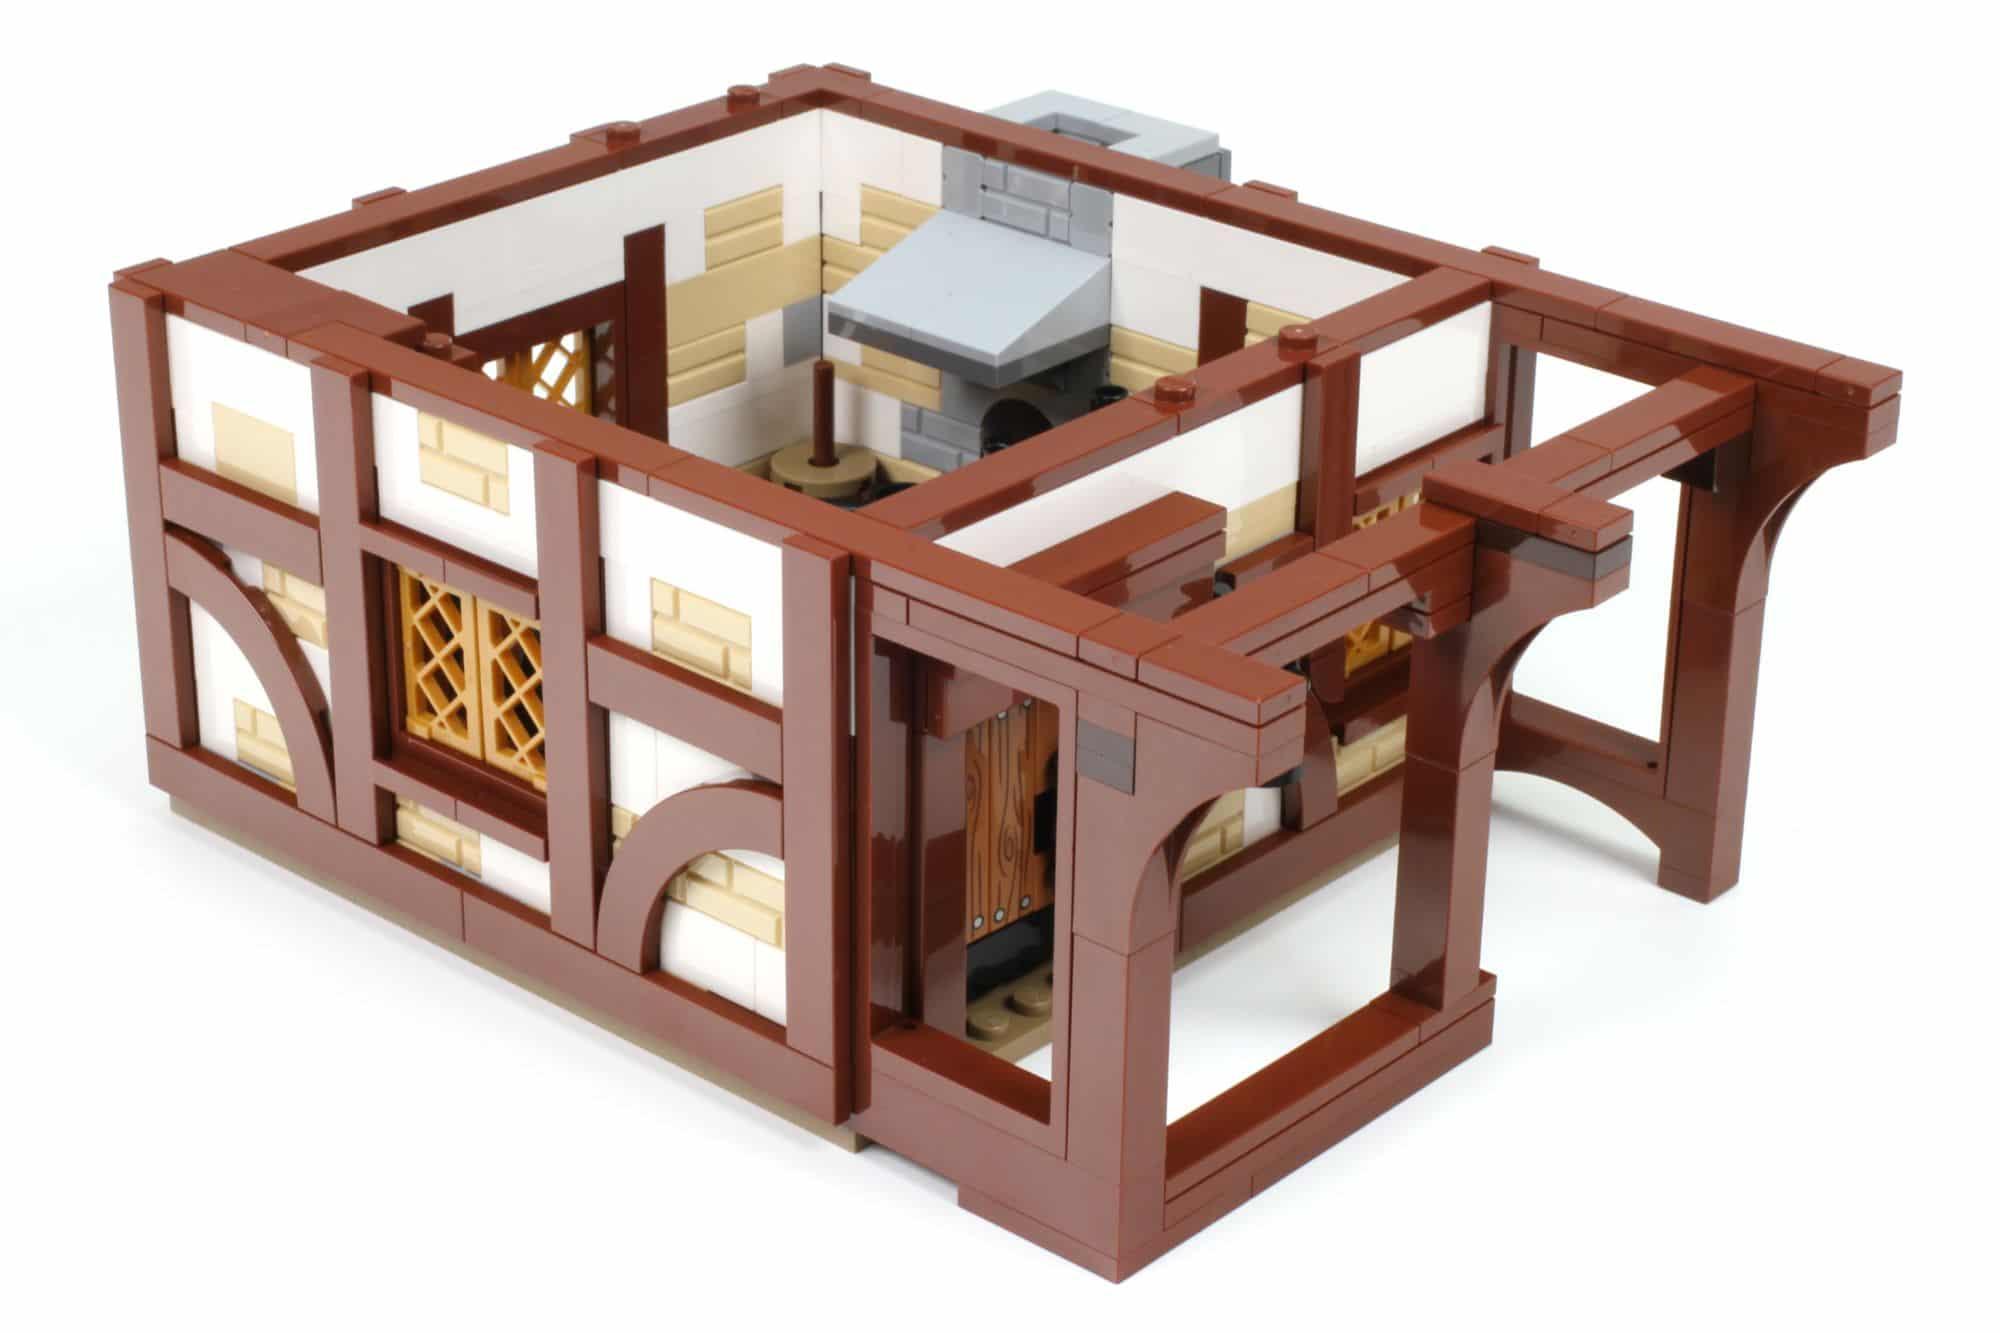 LEGO Ideas 21325 Mittelalterliche Schmiede Bauabschnitt 8 1